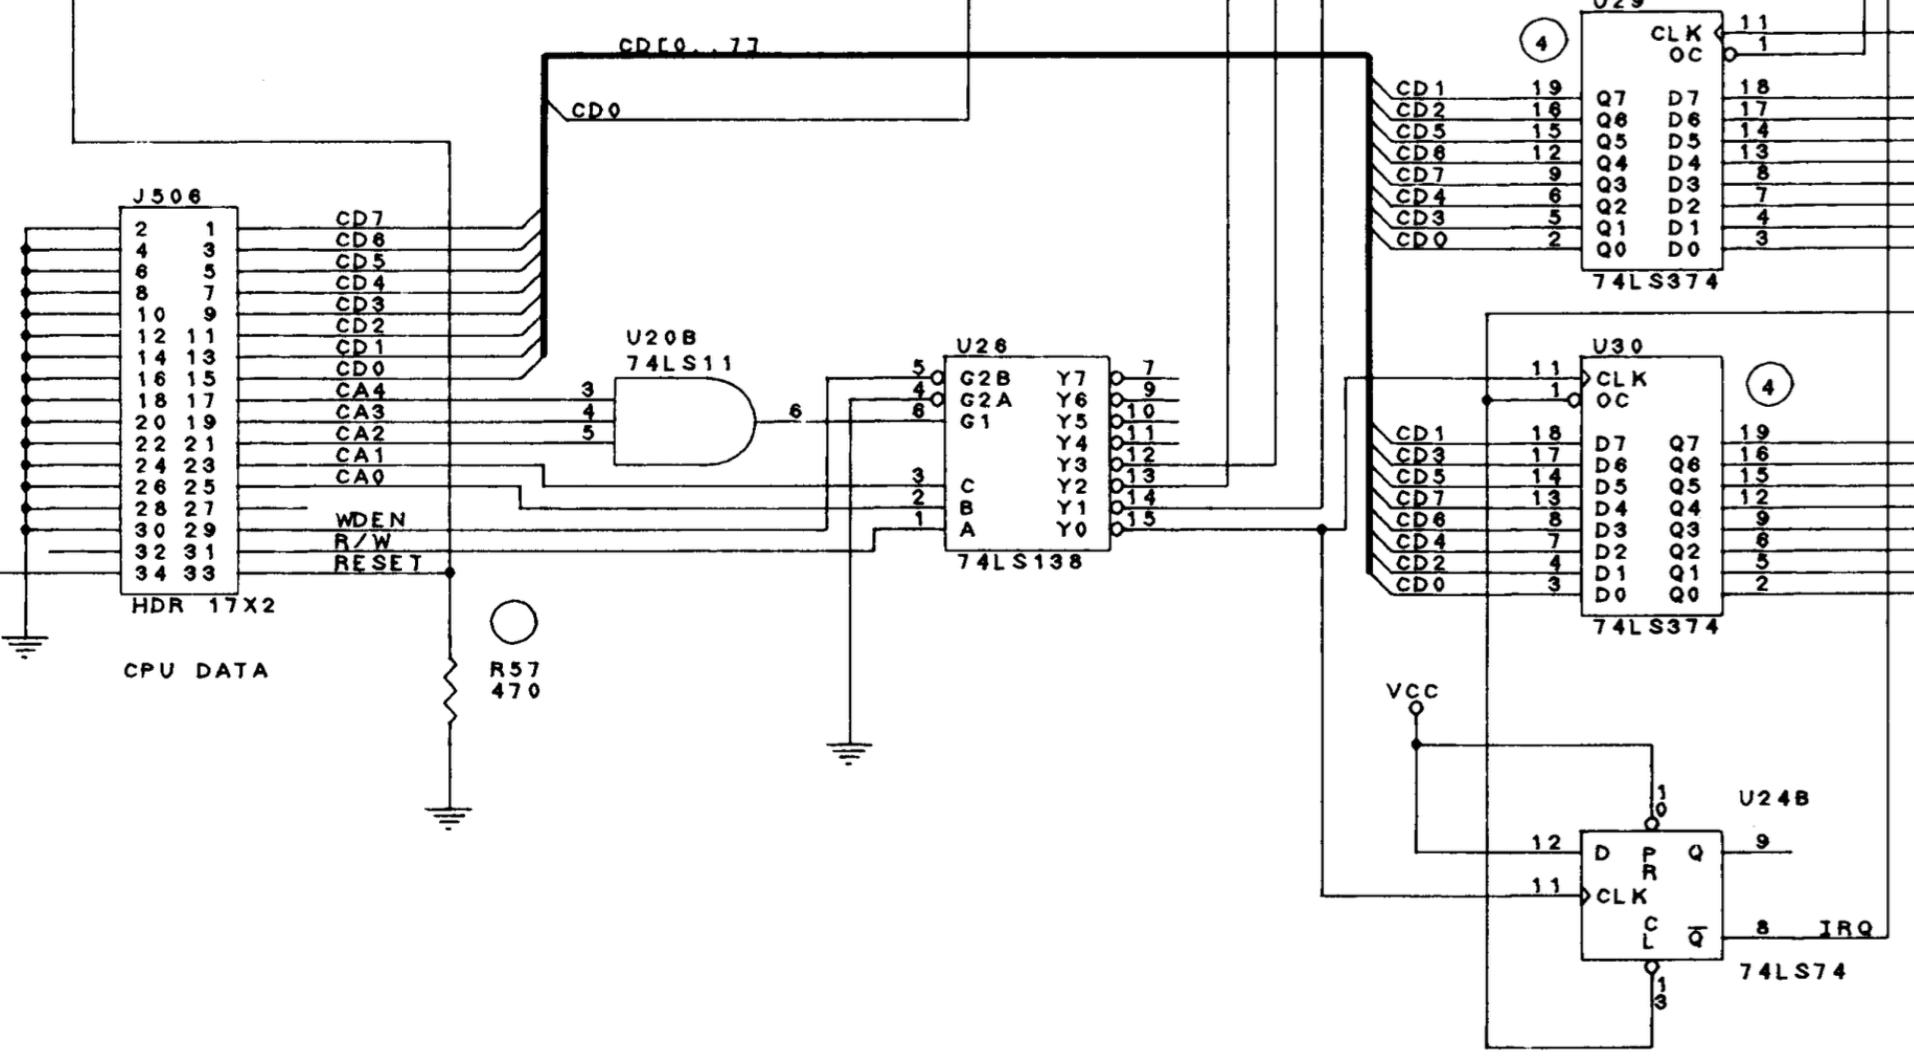 Wpc Cpu Schematics Schematic Wiring Diagrams Pinball Raspisound Also For Mods Lets Pimp Your Machine Ge